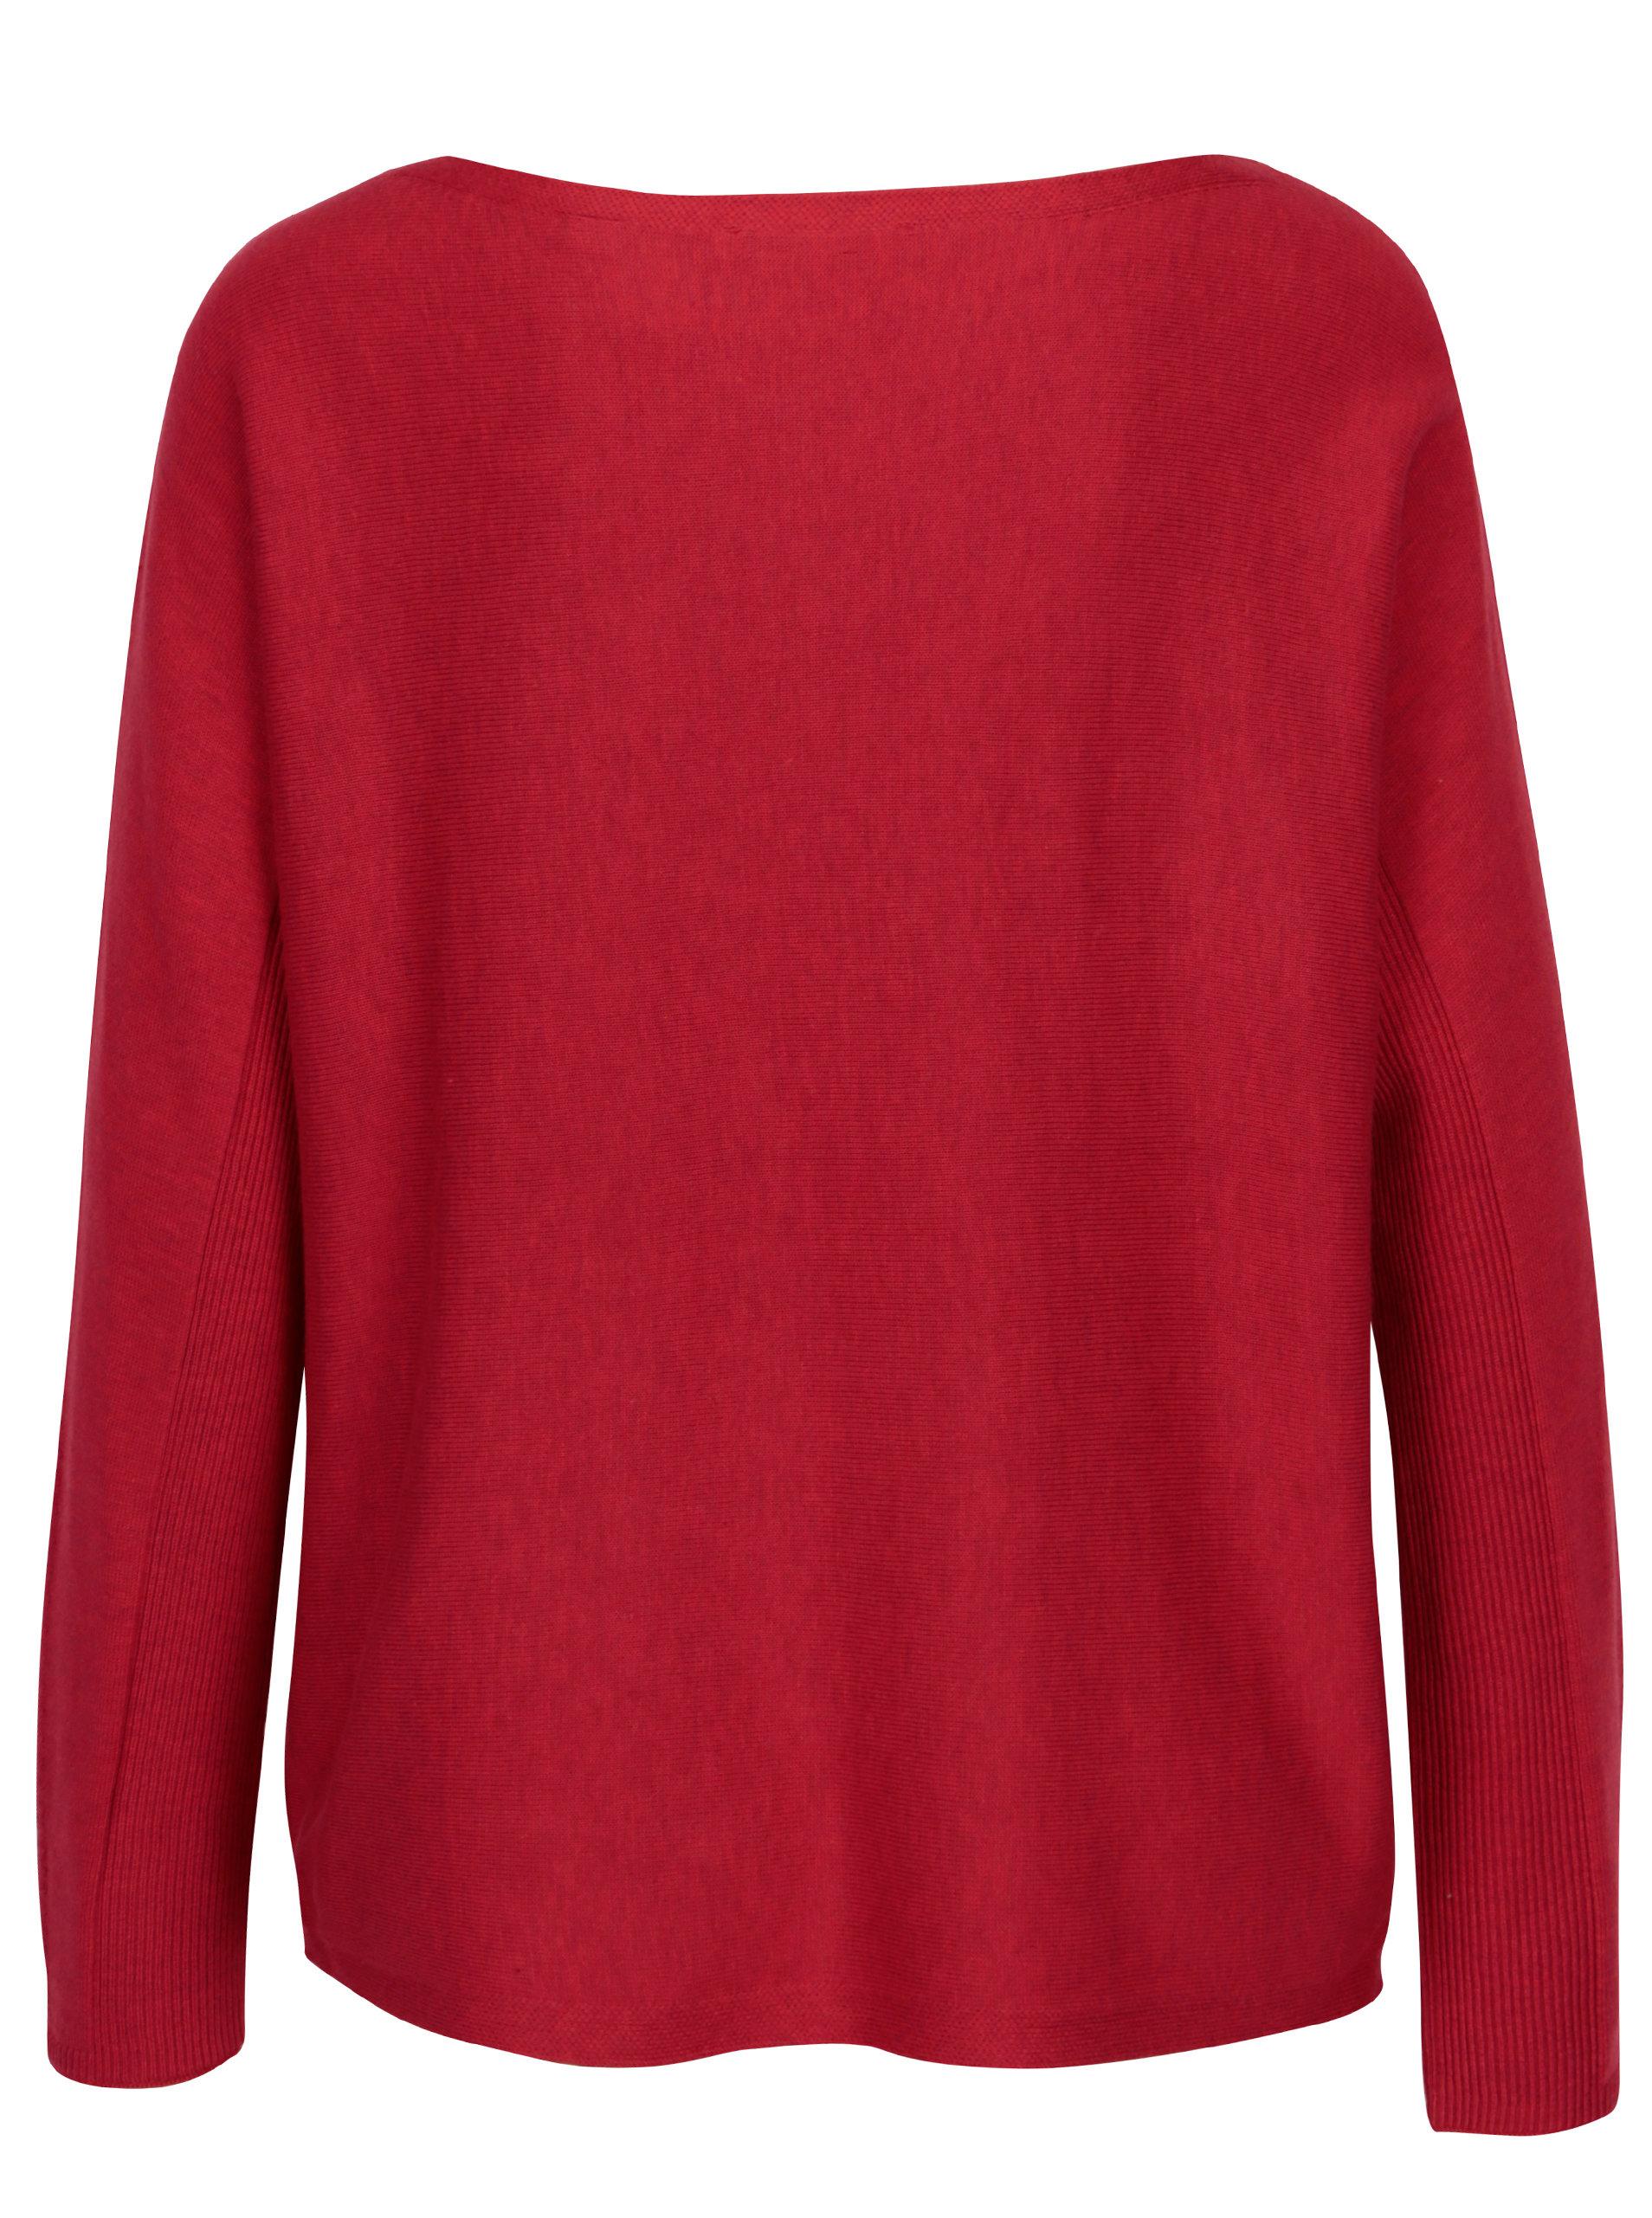 7f931f042c2 Červený dámský lehký oversize svetr s.Oliver